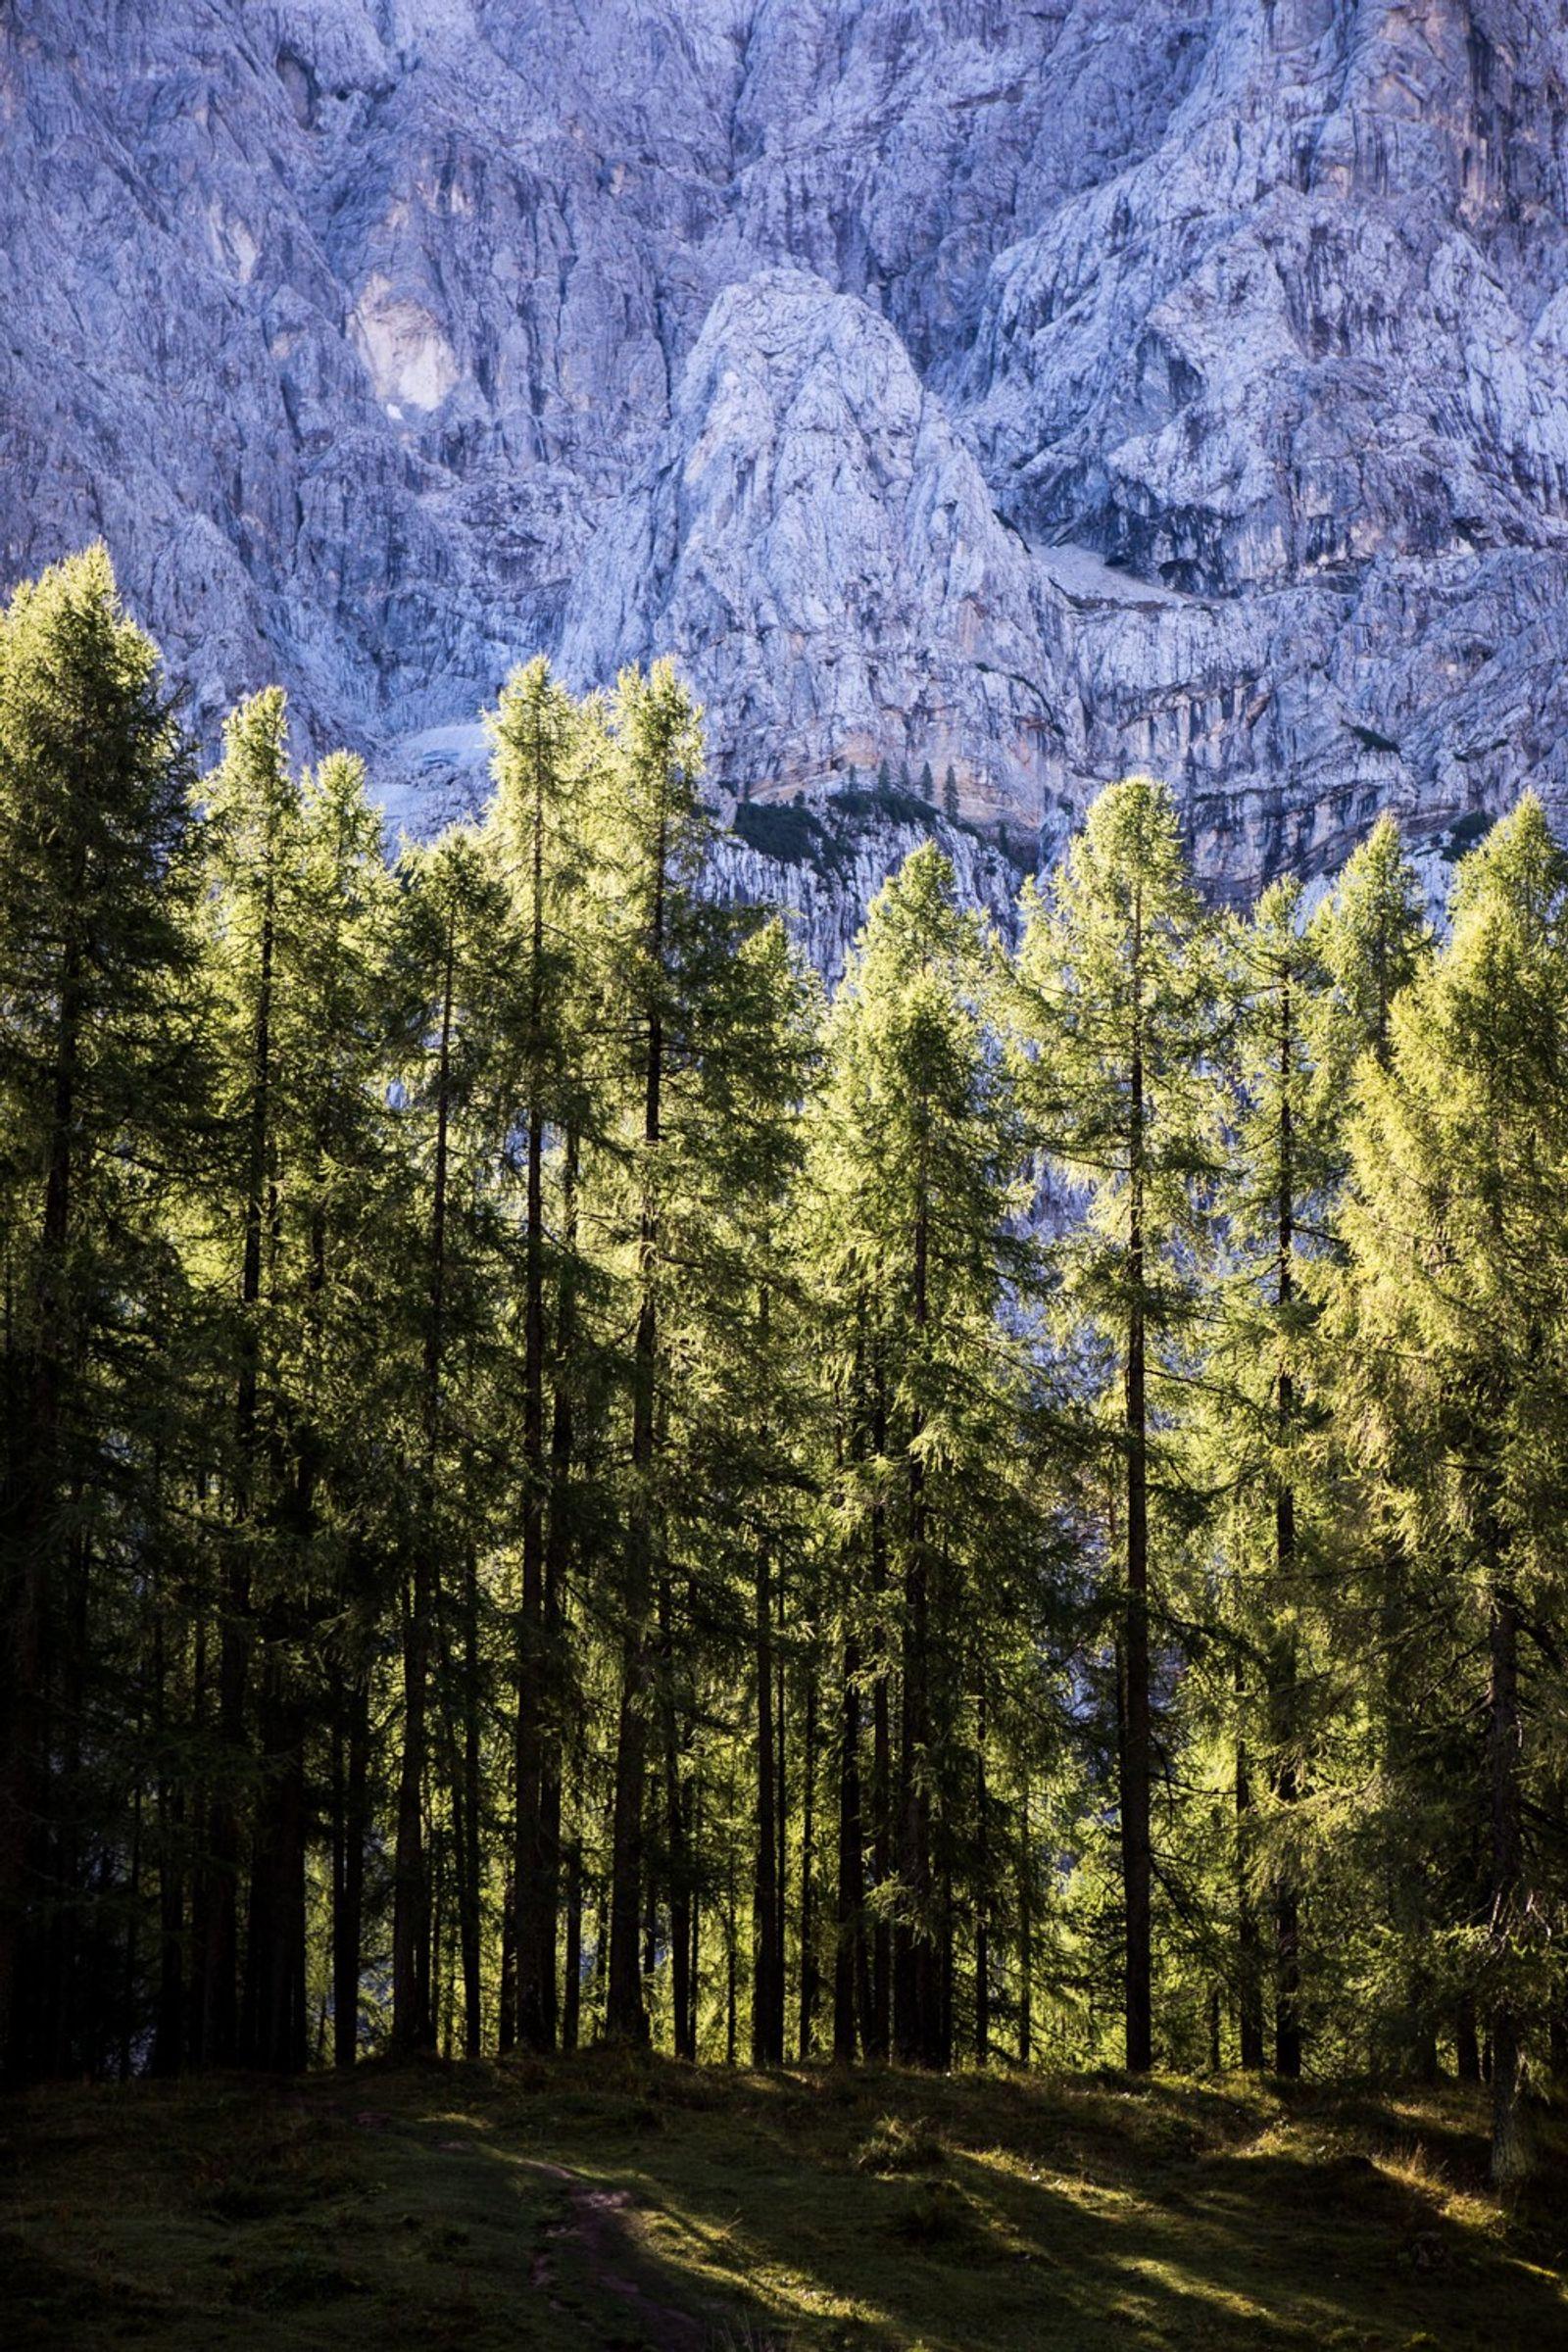 Sur la montagne Vrsic, les rayons du soleil percent une rangée d'arbres majestueux.